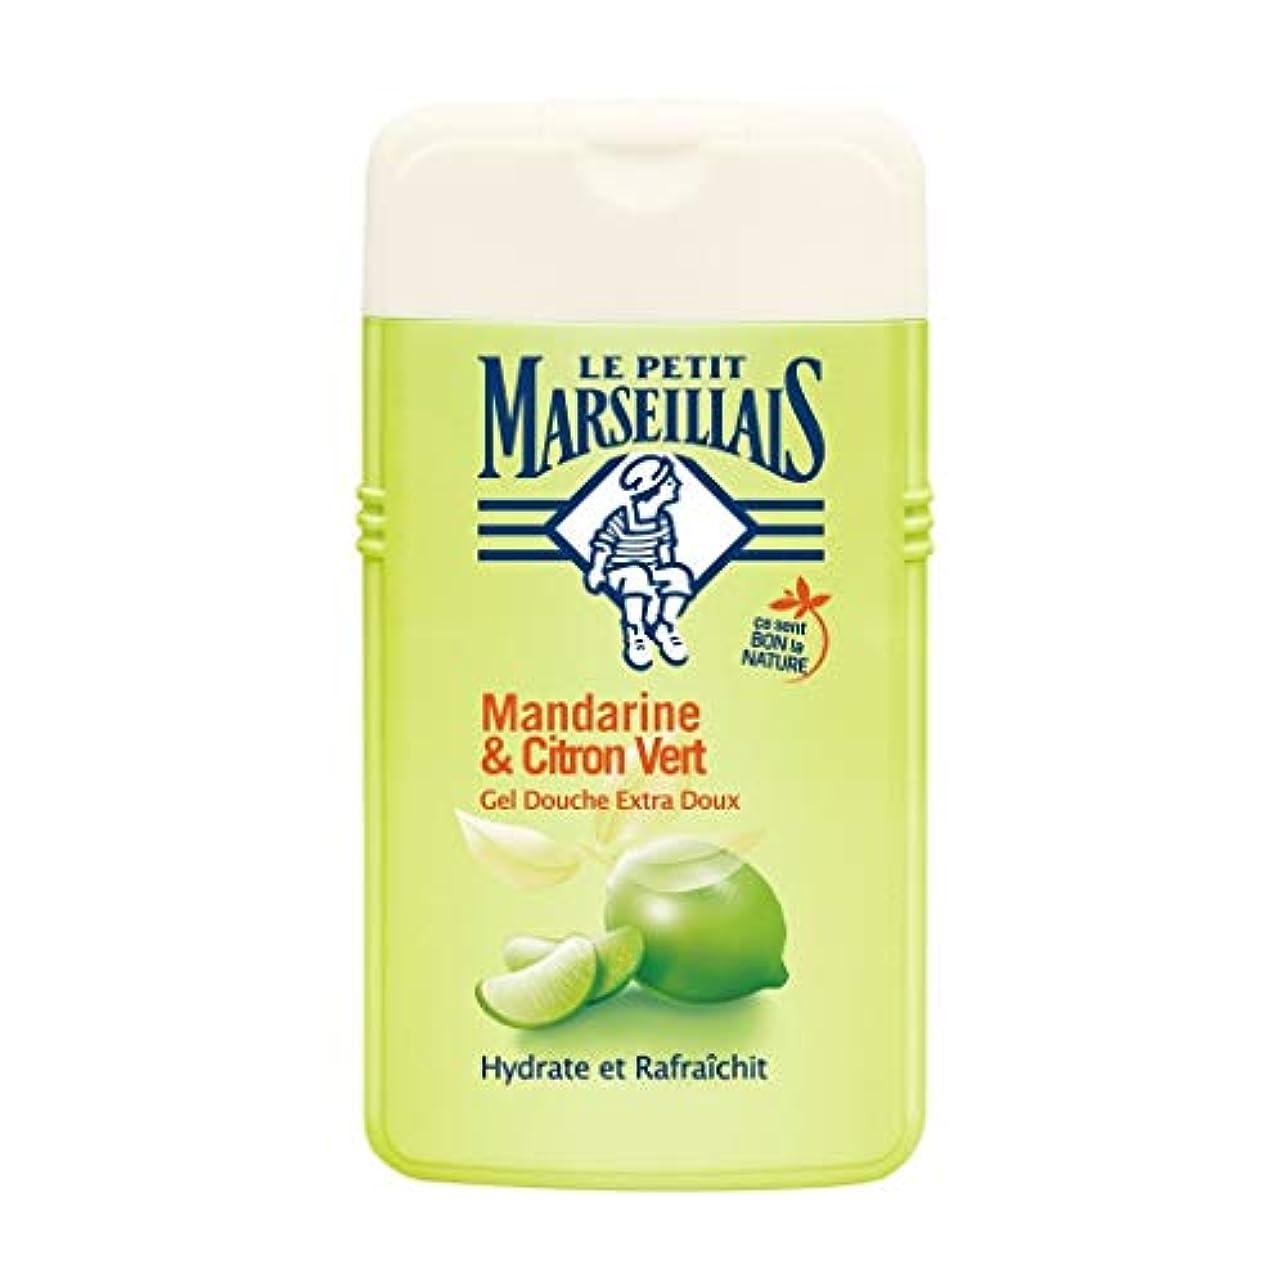 モスク預言者ゴールデンル プティ マルセイユ Le Petit Marseillais シャワージェル/ボディソープ (マンダリンオレンジ と ライム, 250 ml)